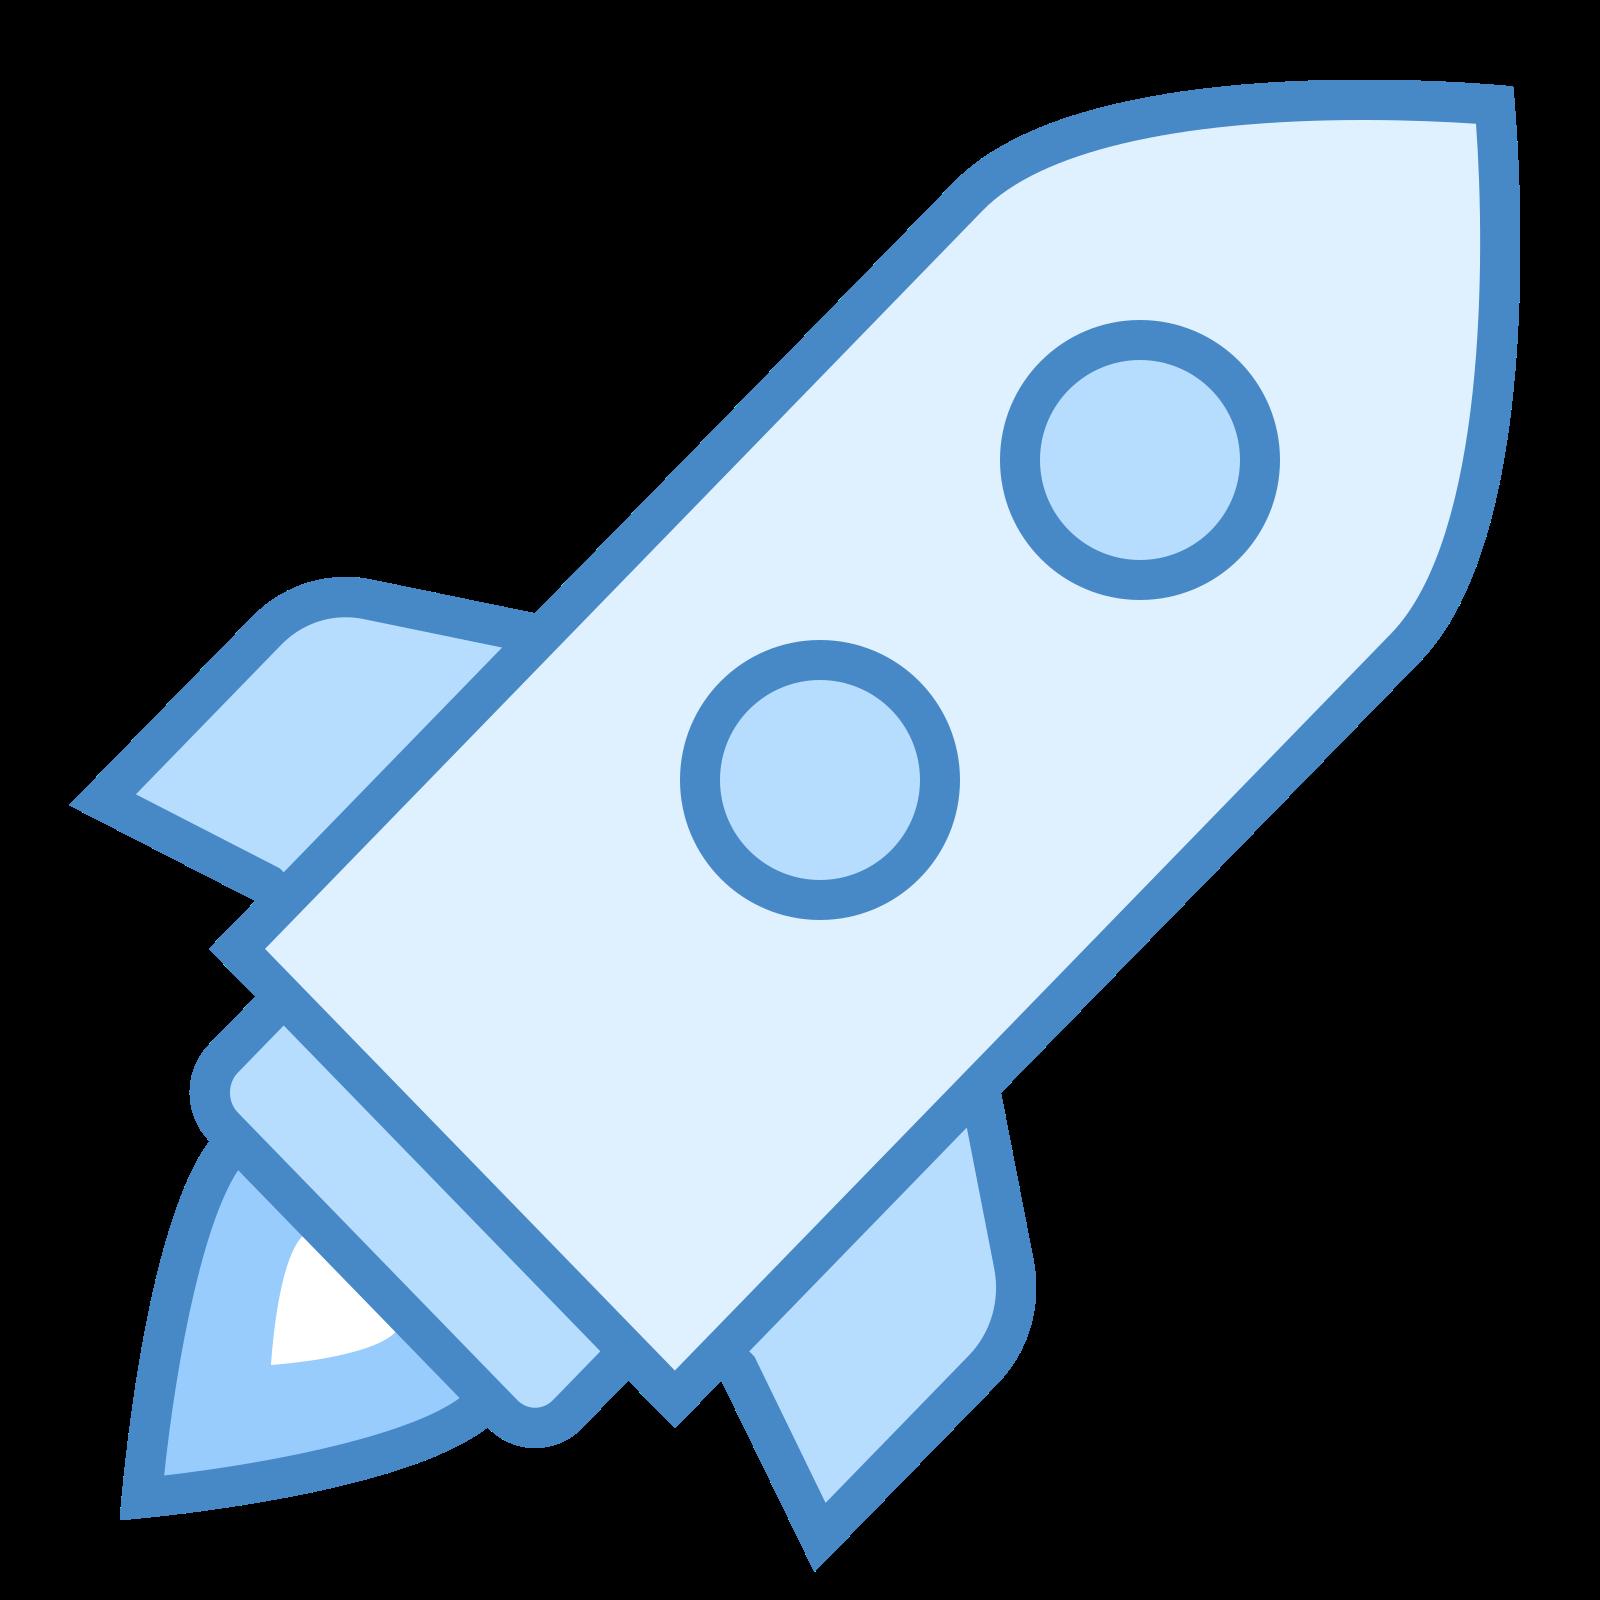 ロケット icon